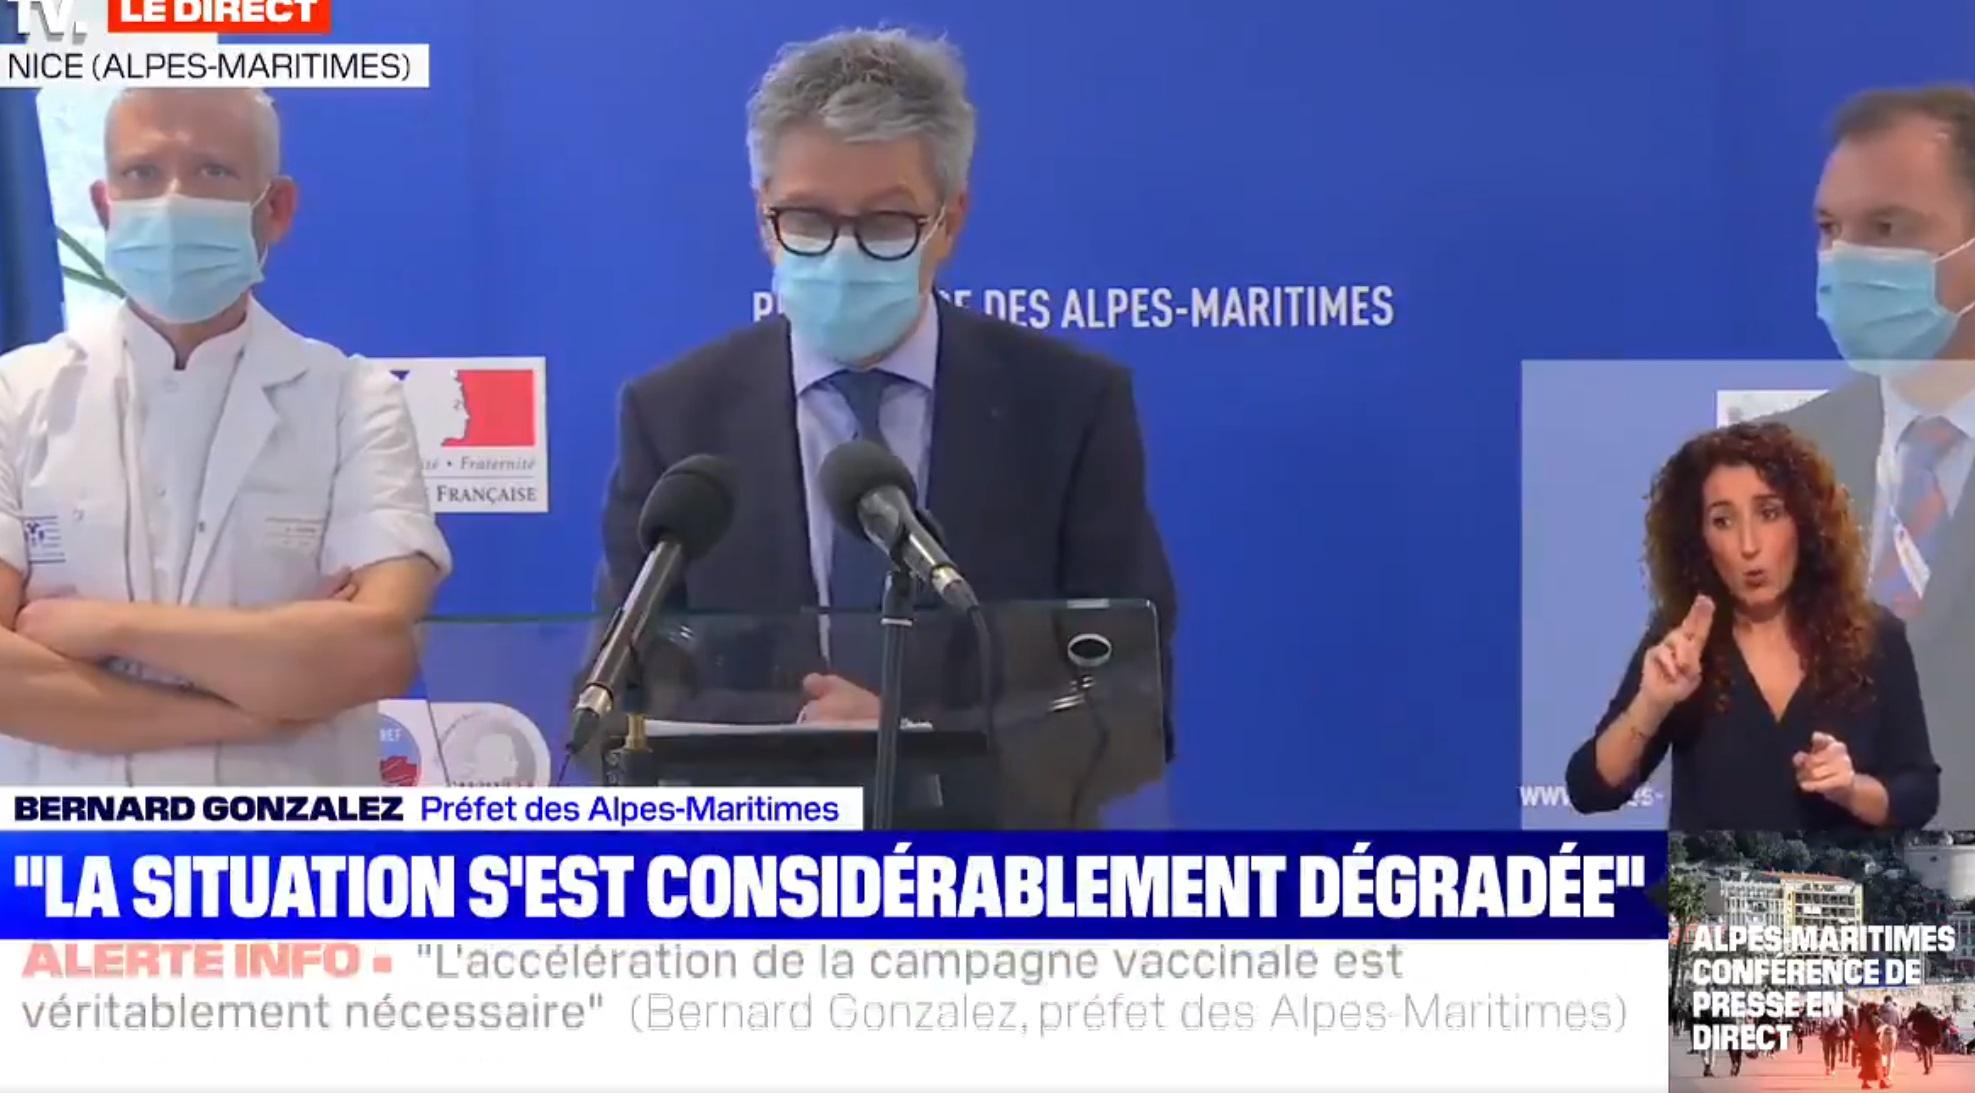 Le préfet des Alpes-Maritimes lors de sa conférence de presse - DR